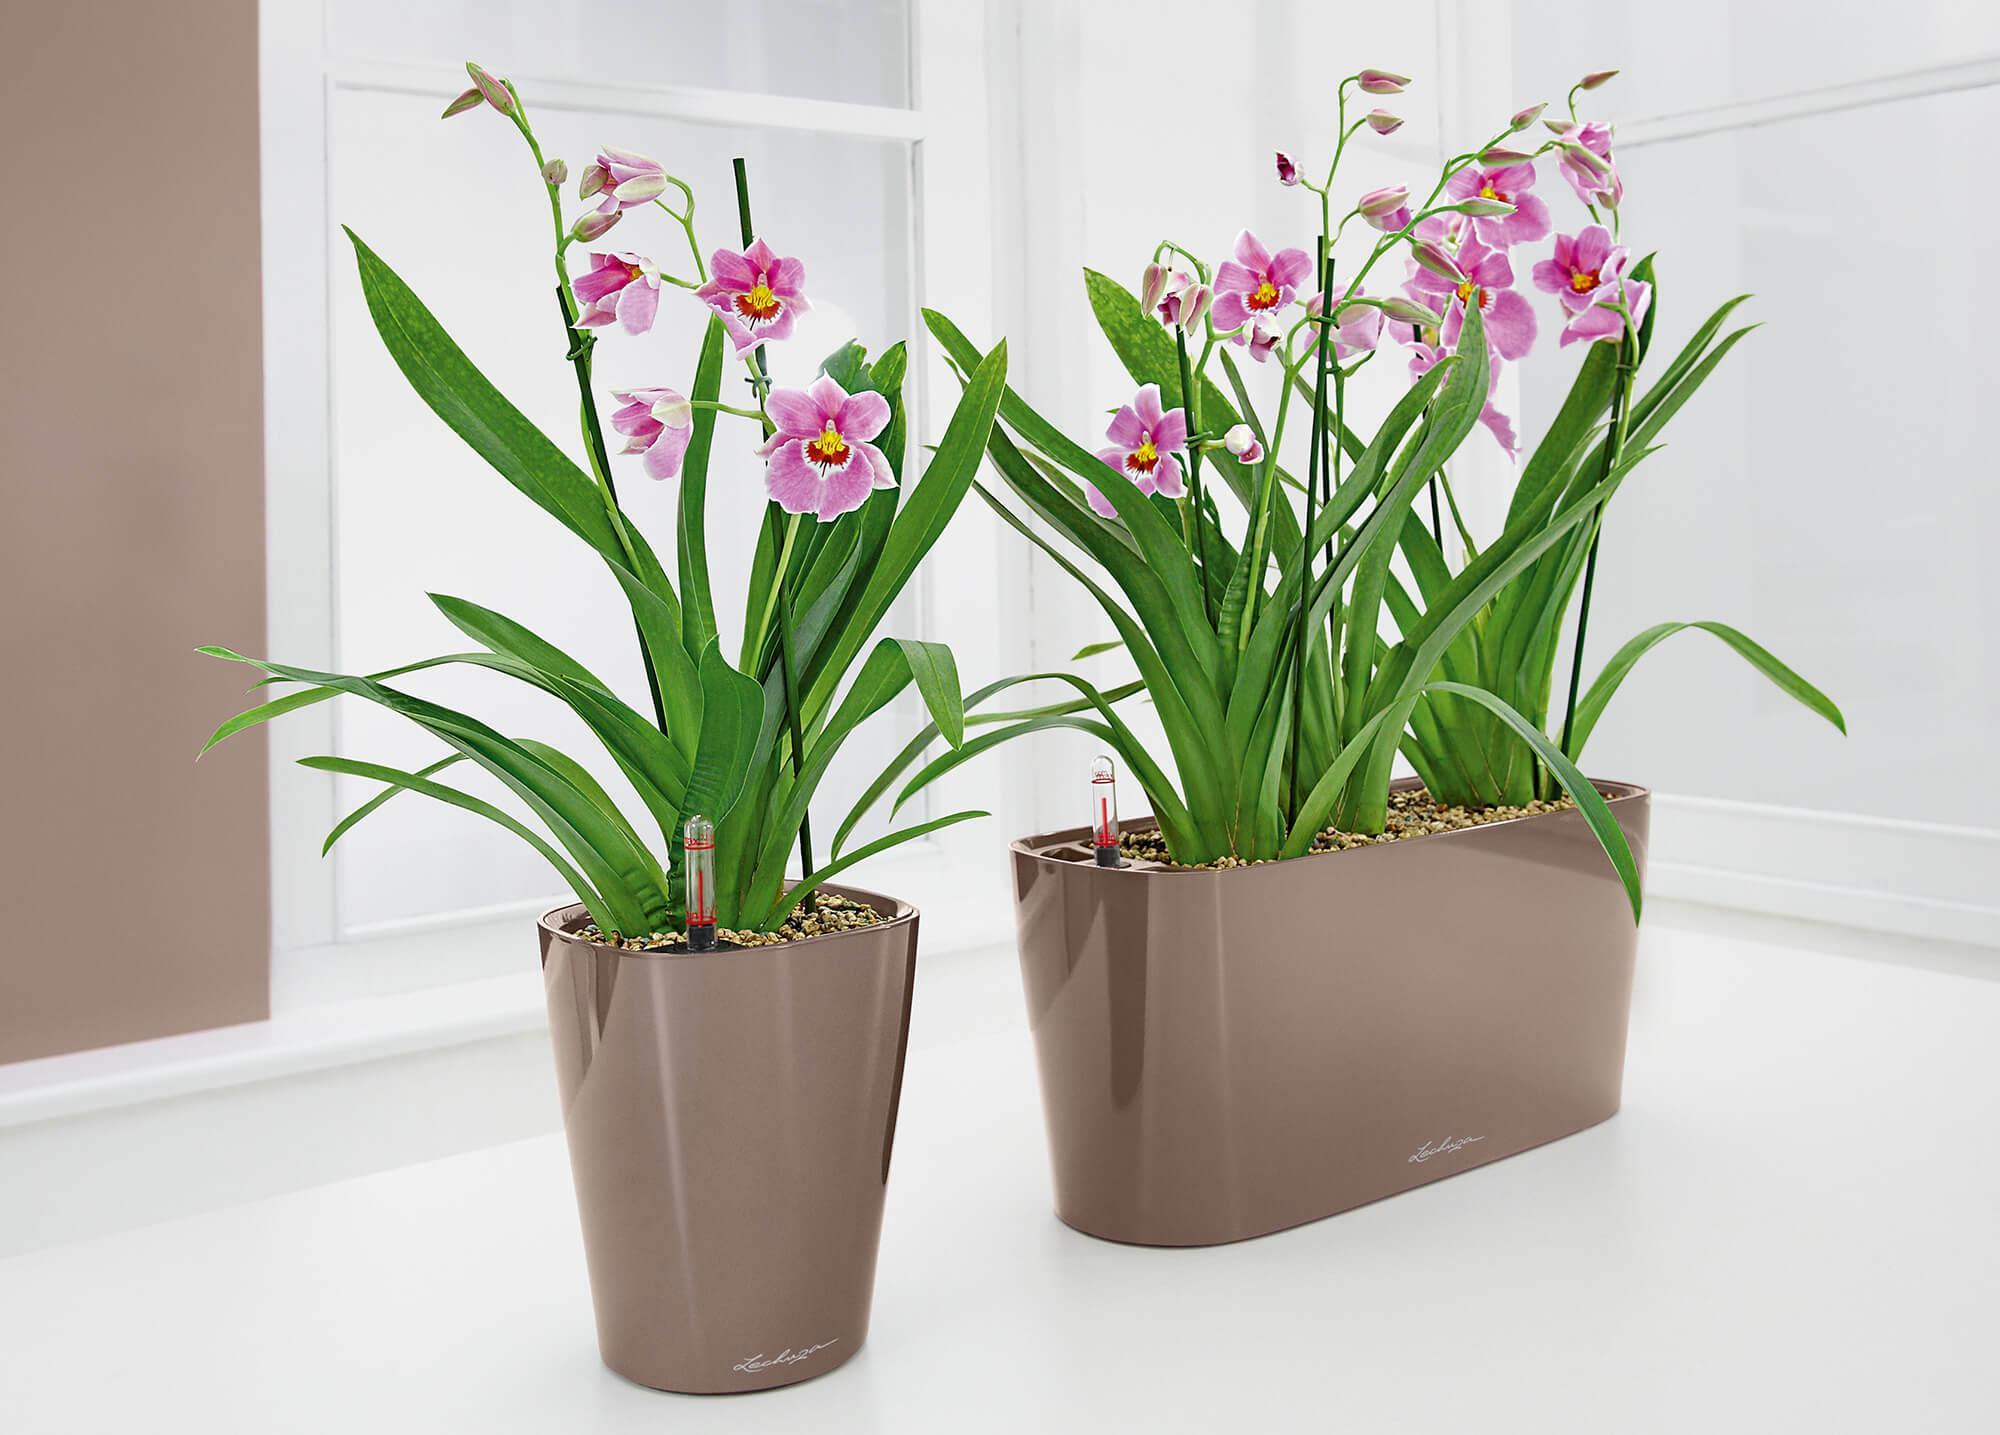 Orquideas Blancas Cuidados. Stunning Orquideas Blancas Cuidados With ...